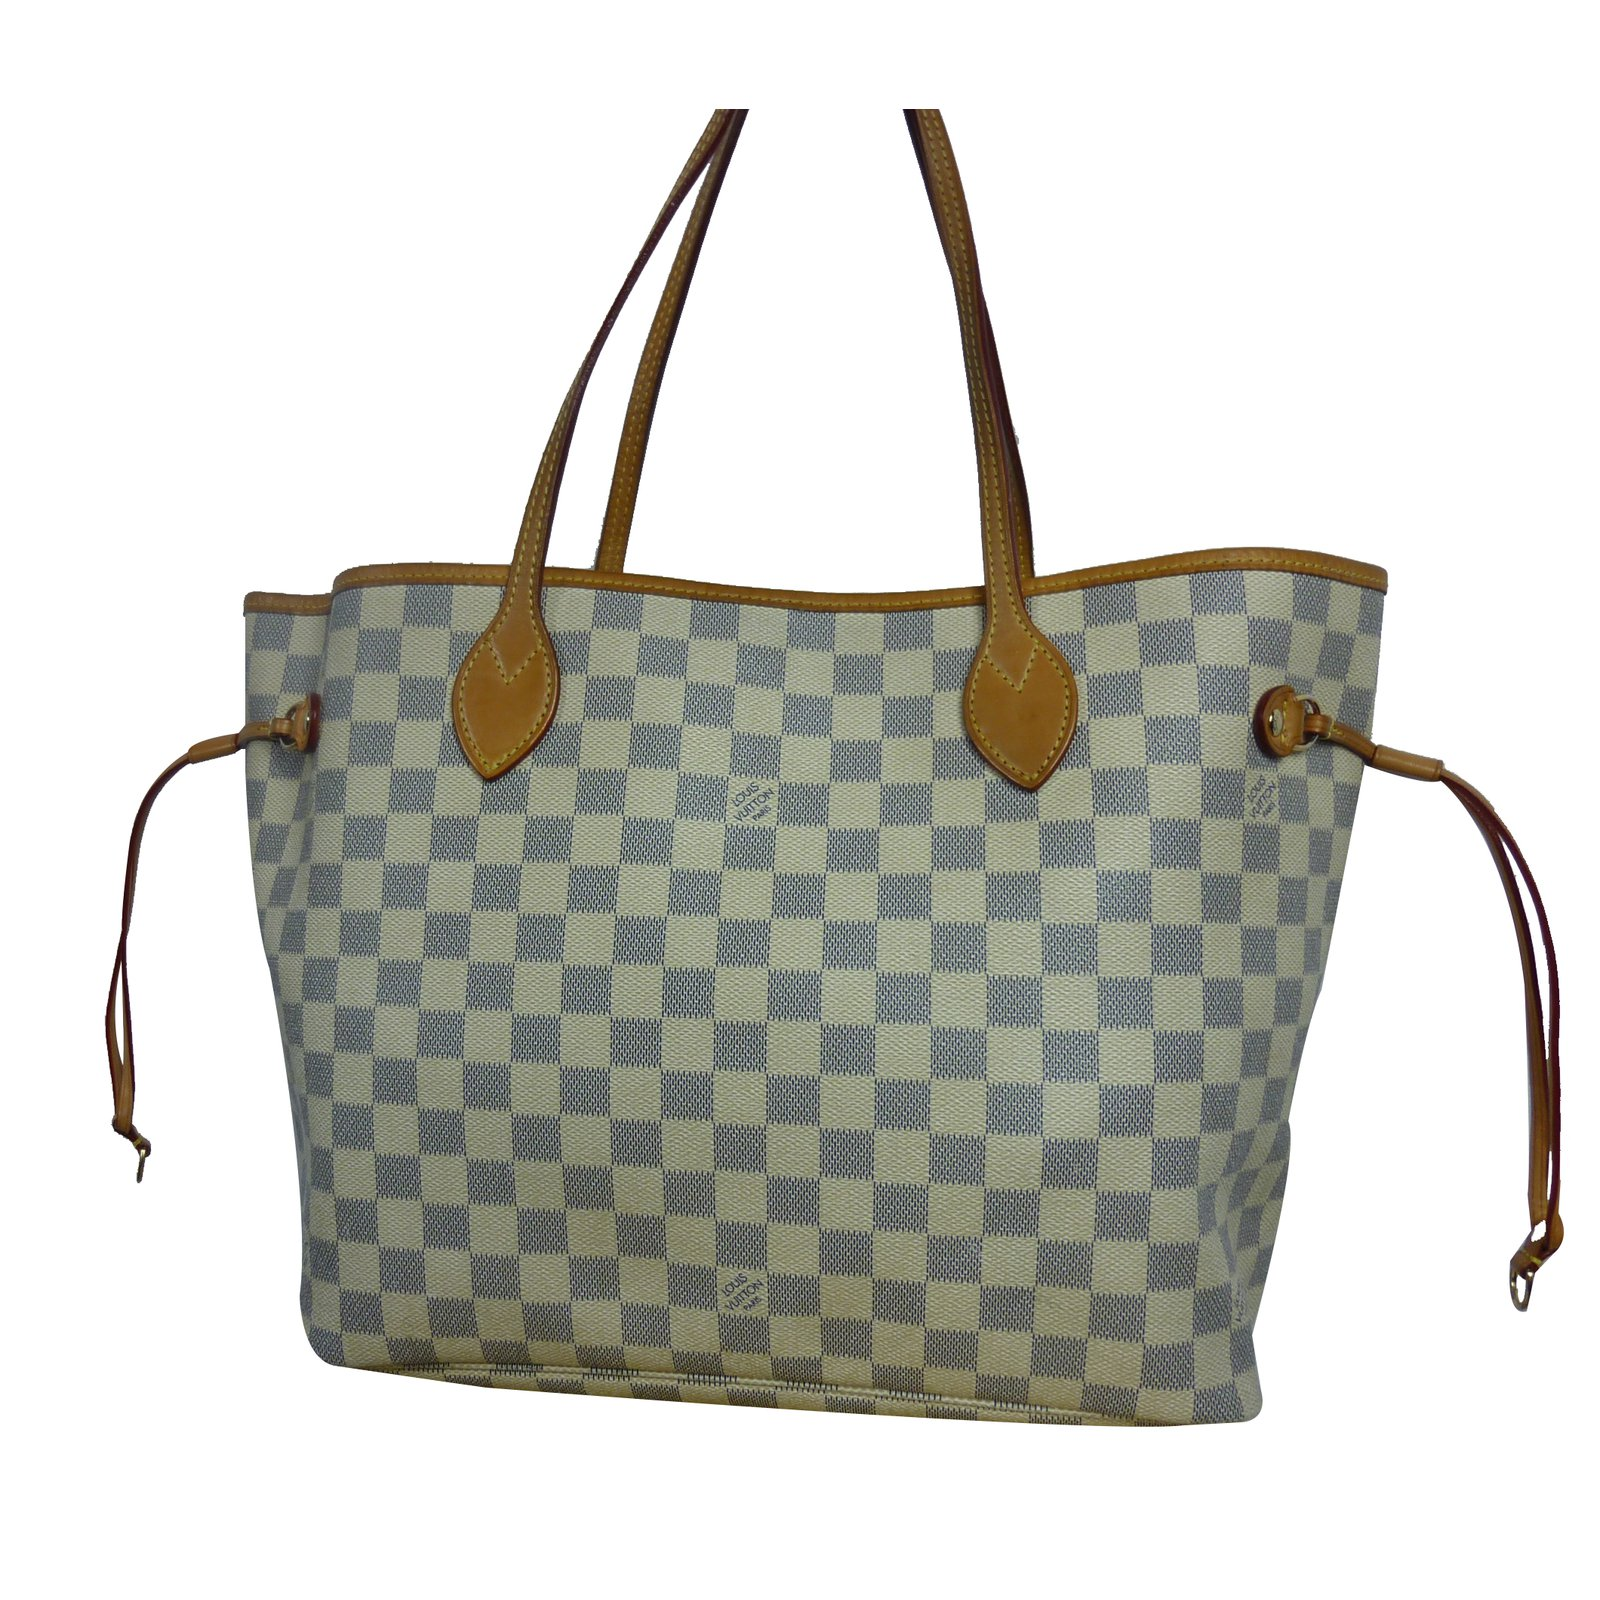 bb36051ae33 Cabas Louis Vuitton Sac Louis Vuitton Neverfull MM à damier azur en très  bon état !